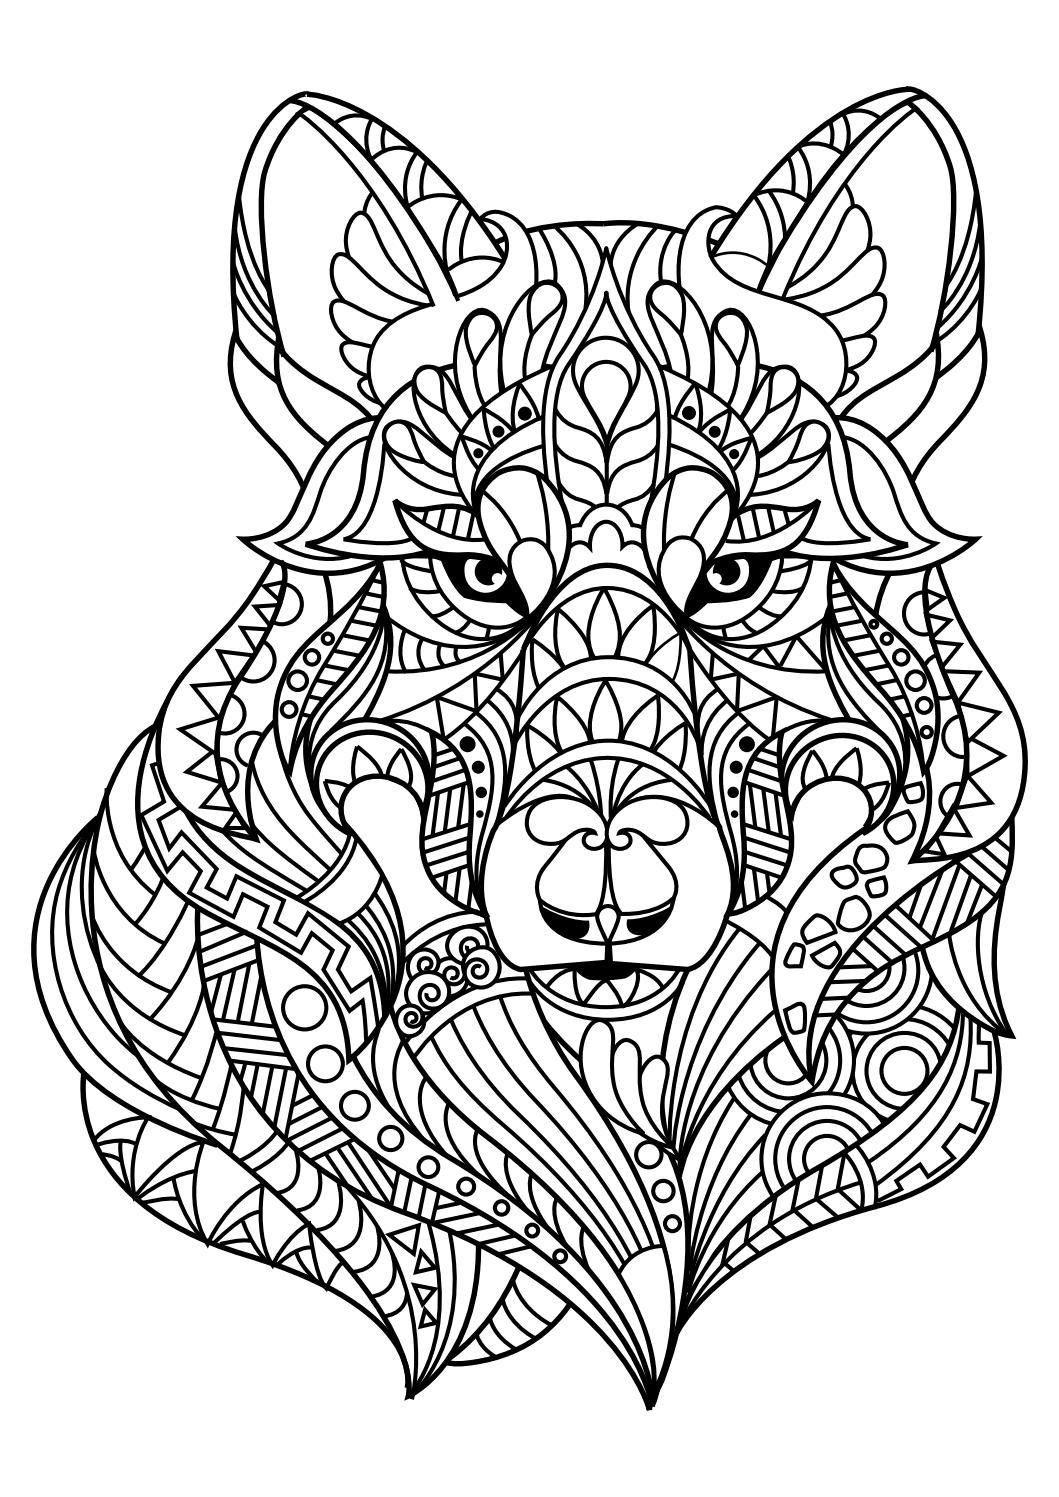 pin di stephanie keller su color pages  disegni da